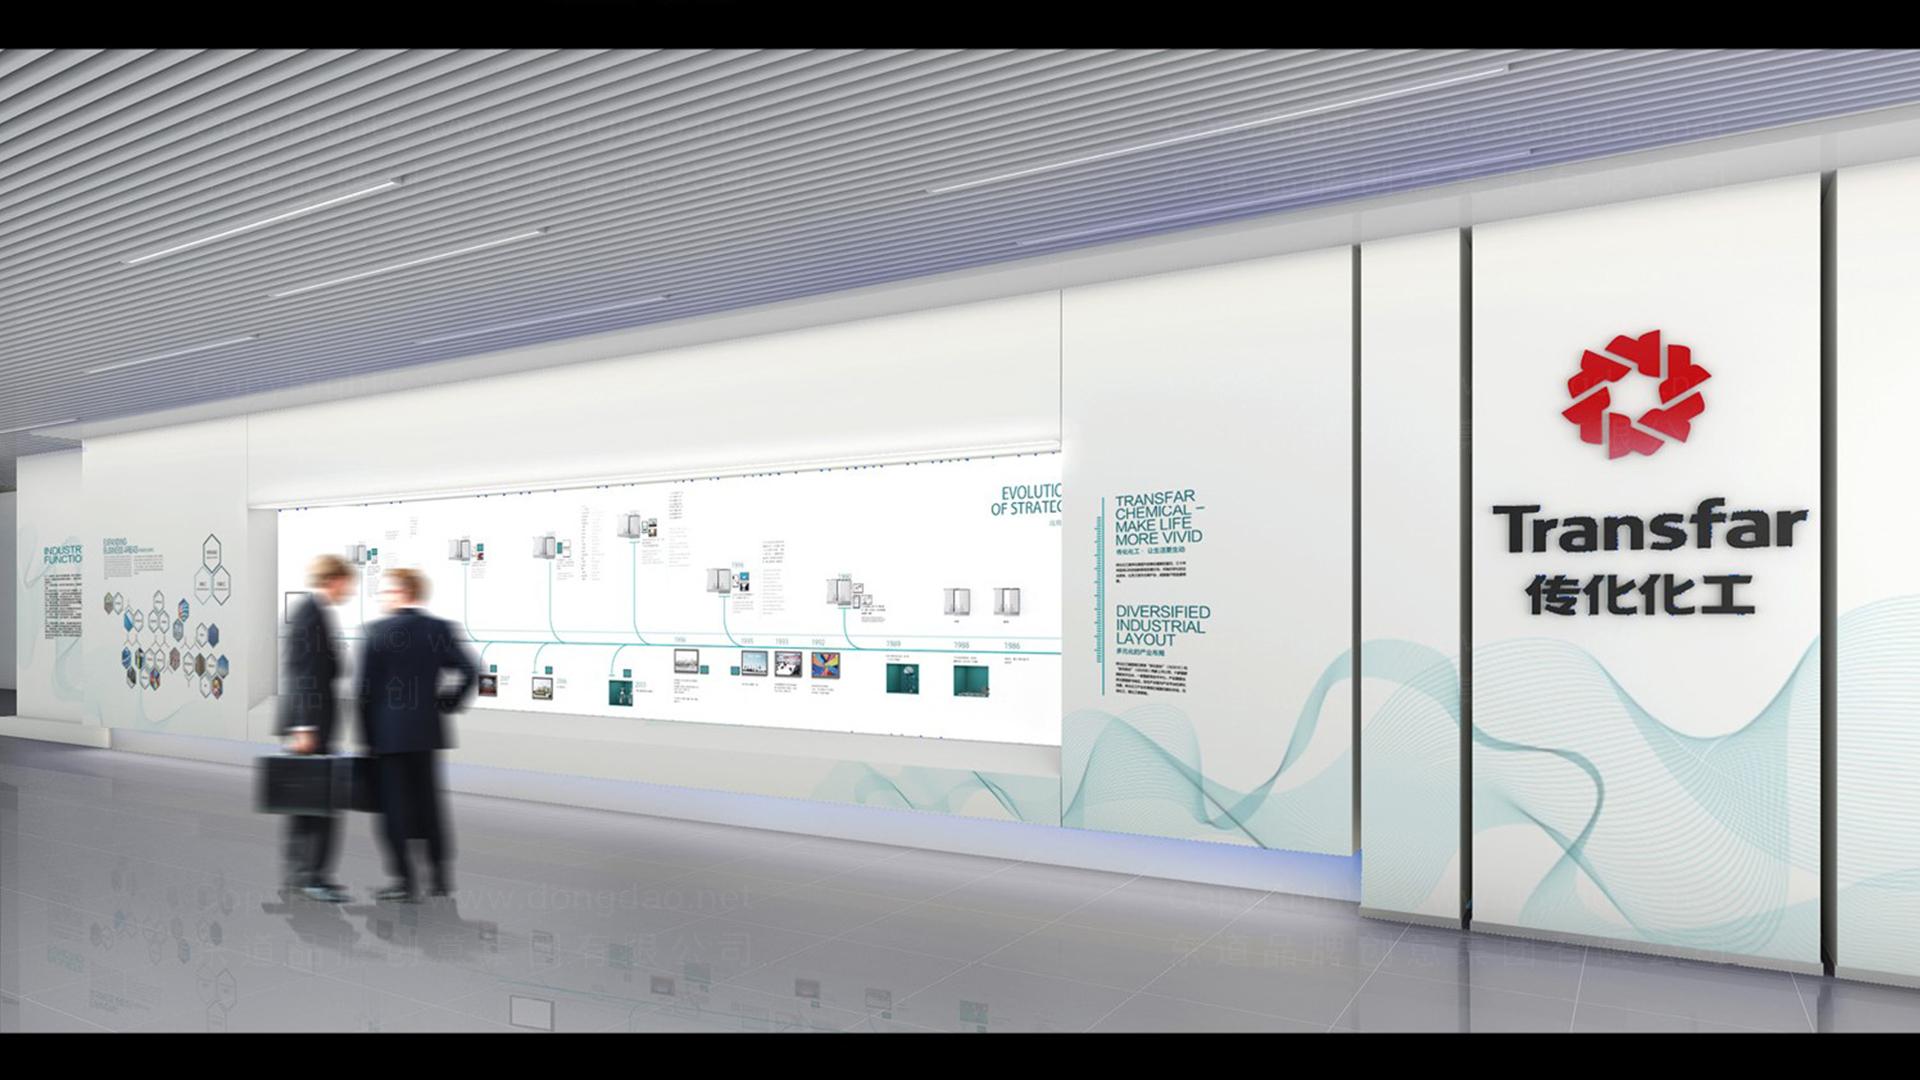 商业空间&导示传化支付展厅设计应用场景_2